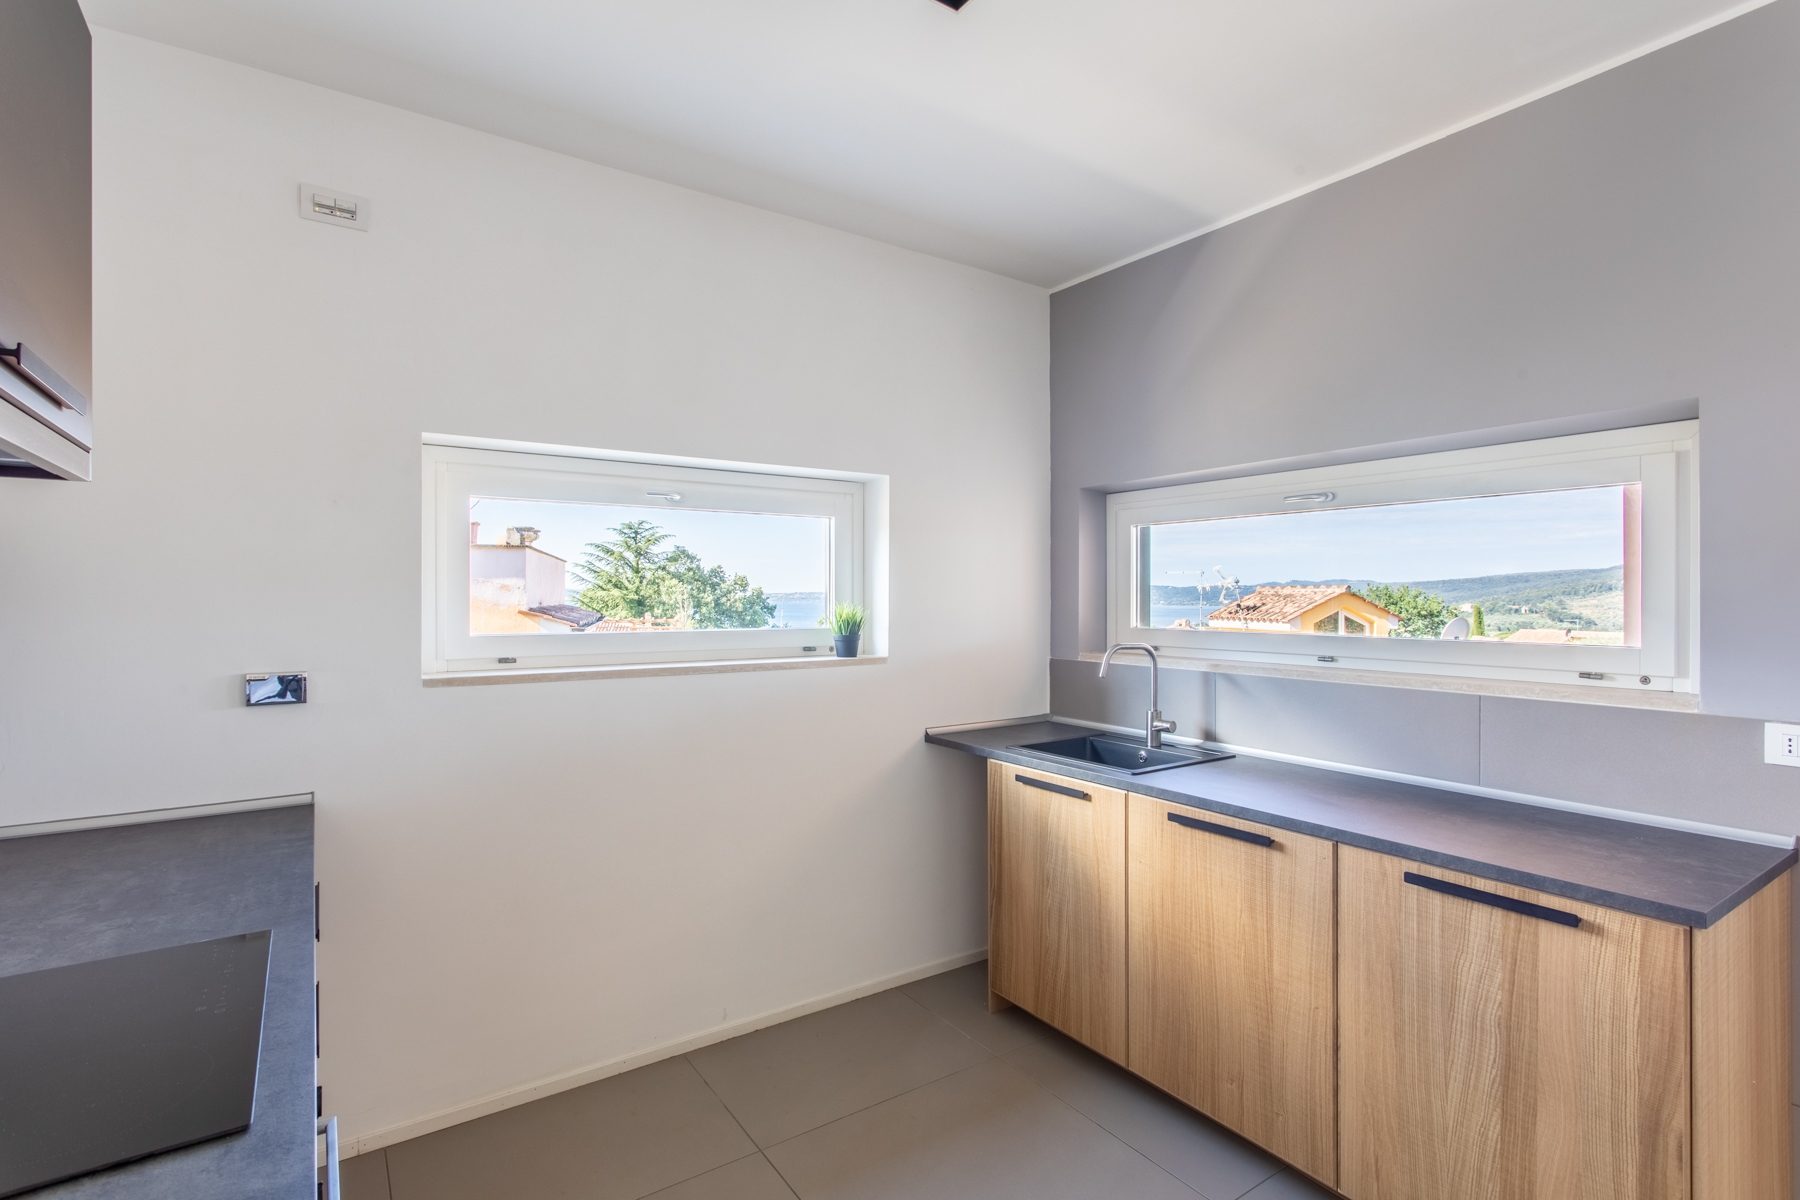 Appartamento in Vendita a Trevignano Romano: 4 locali, 100 mq - Foto 15